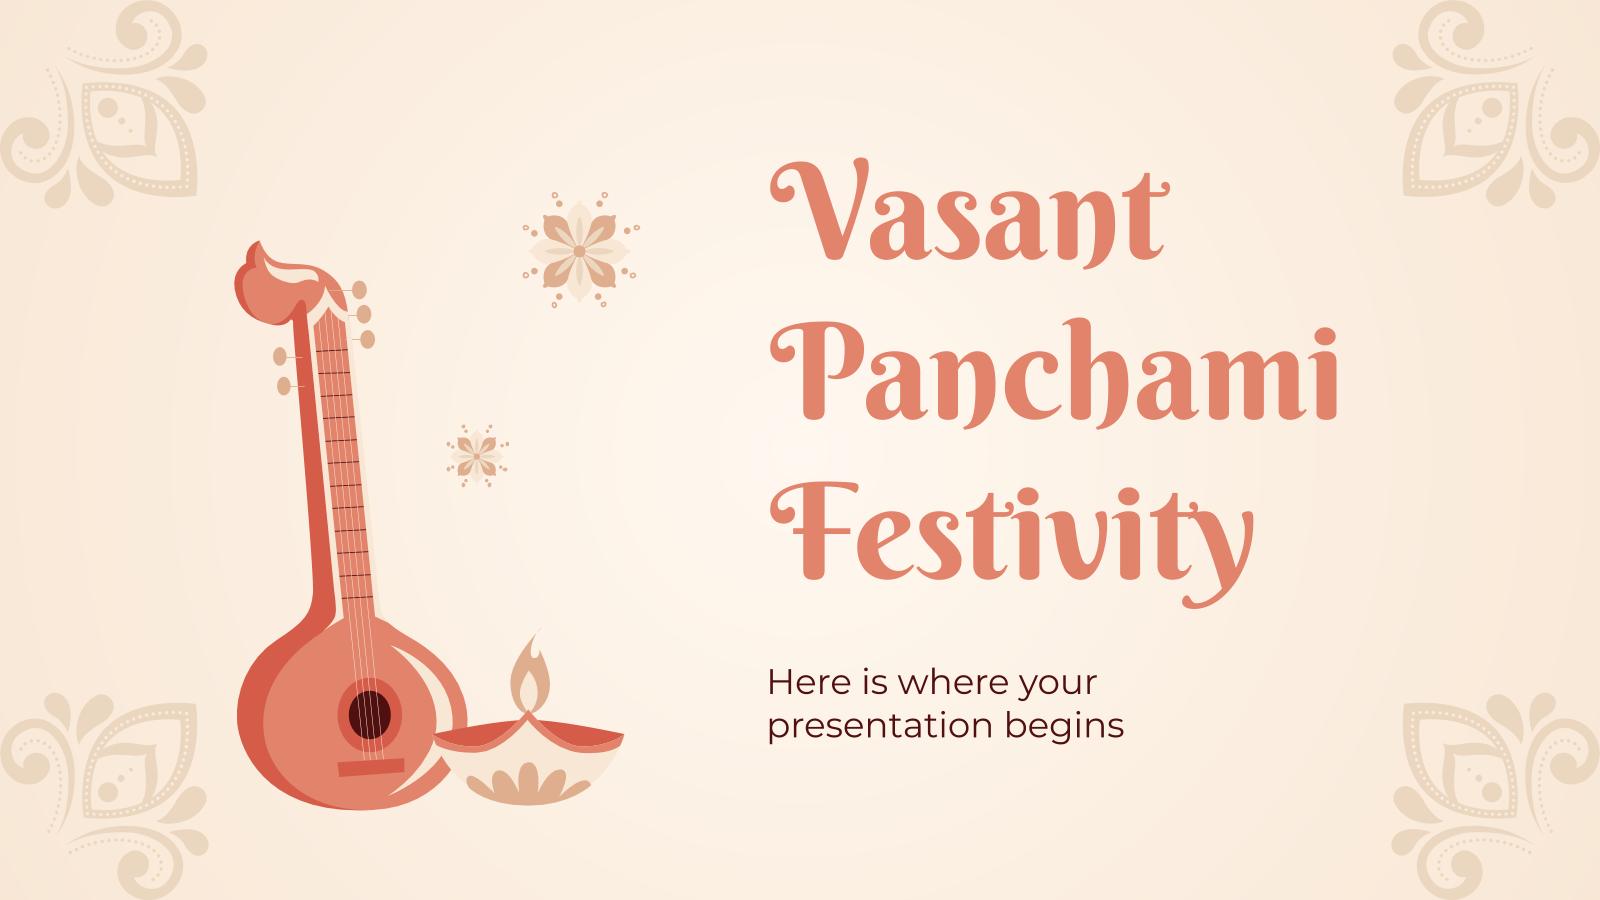 Modelo de apresentação Festa de Vasant Panchami